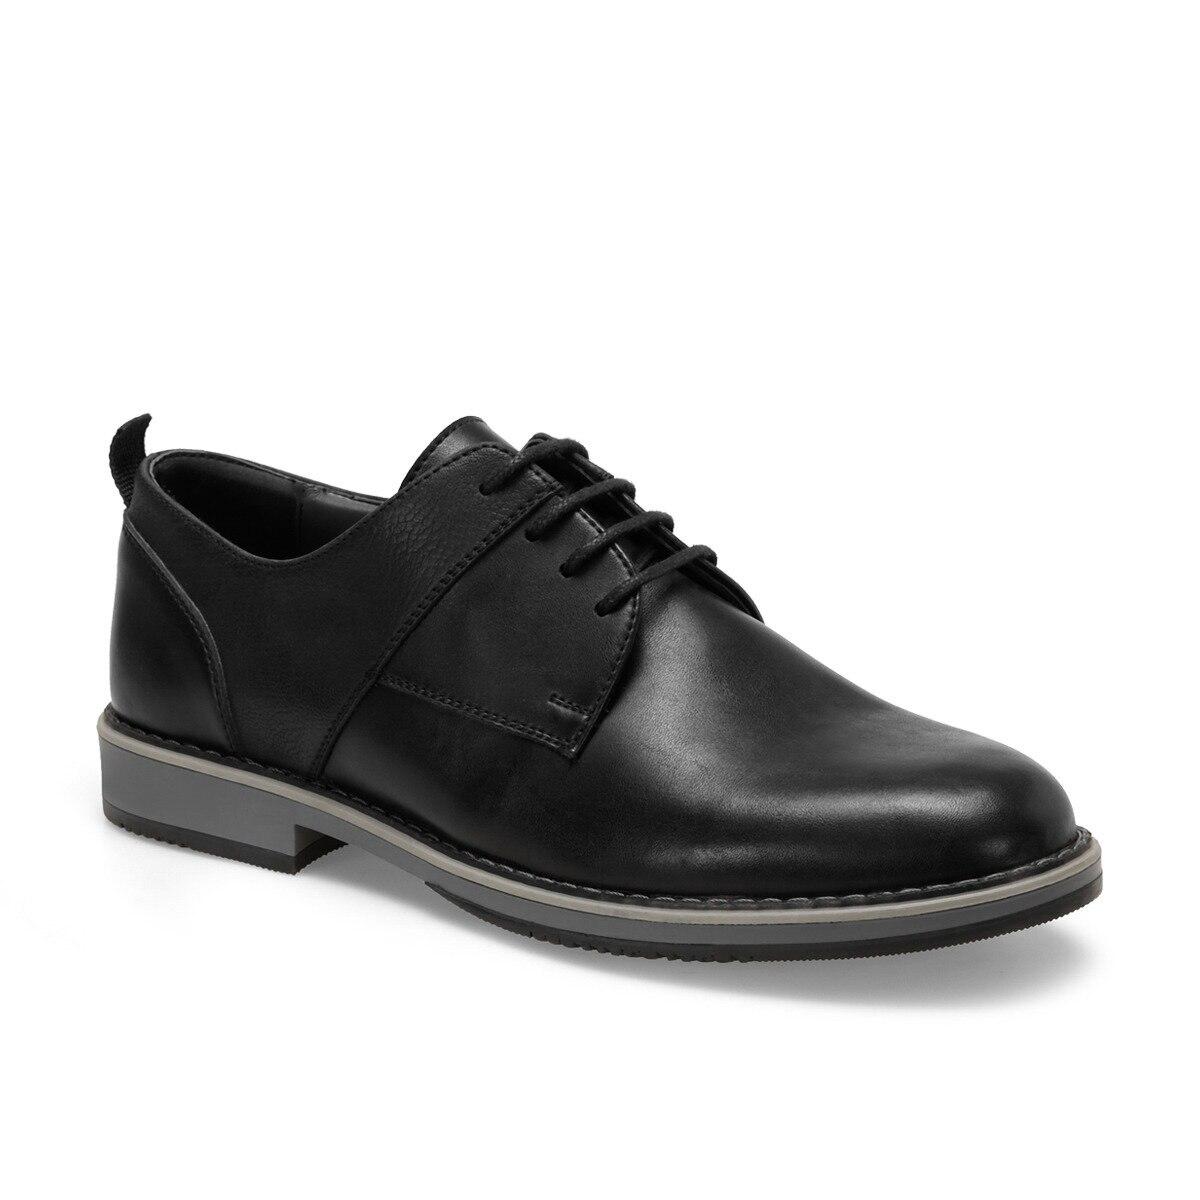 FLO 71419 C Black Men Dress Shoes-Styles